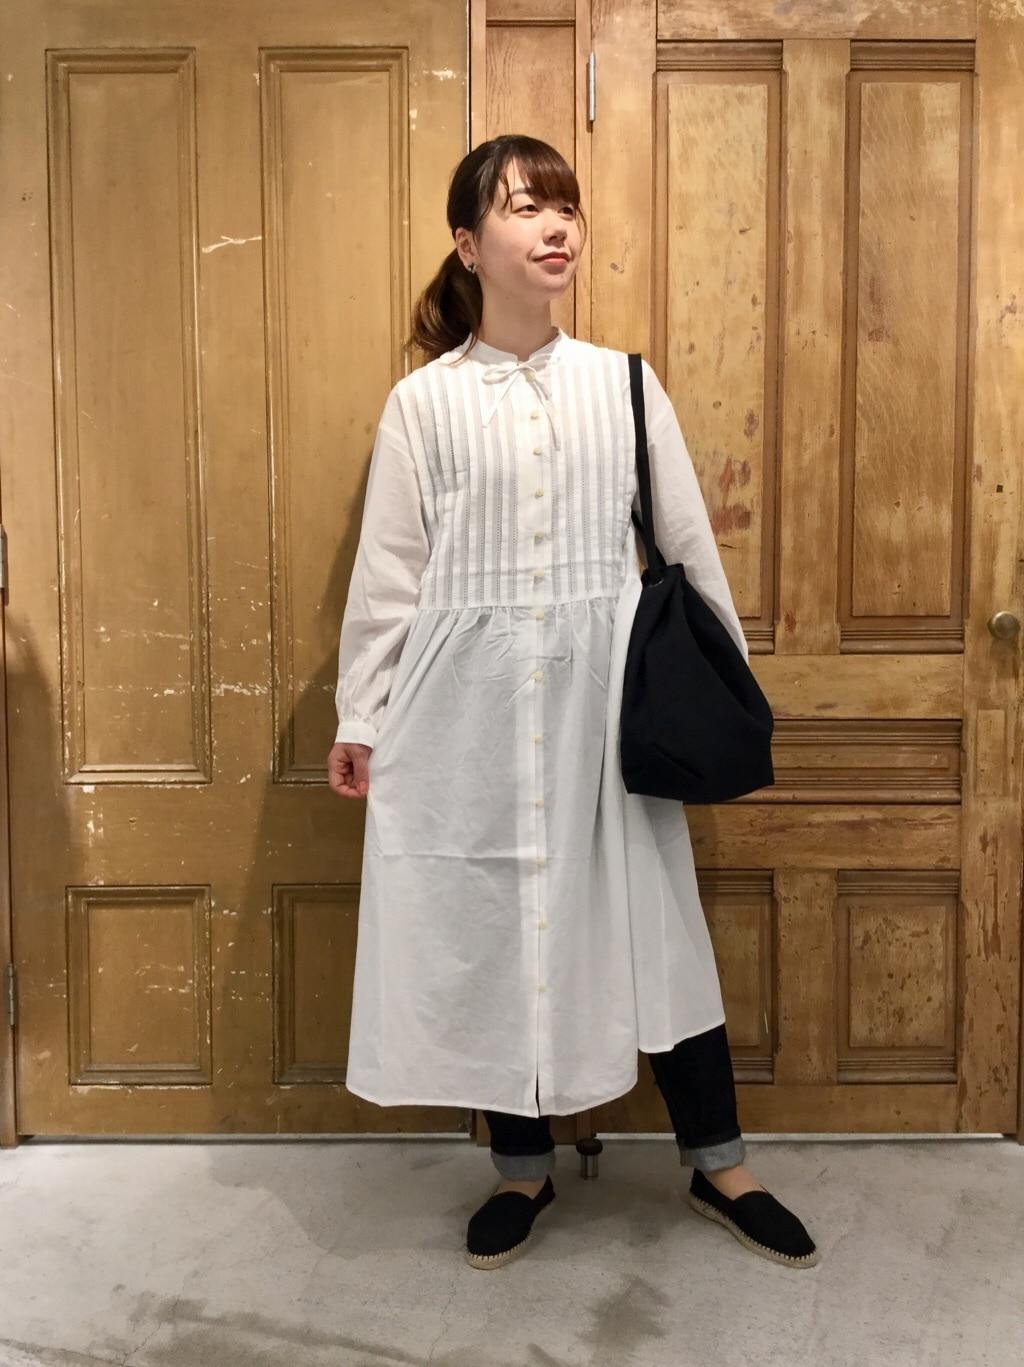 - PAR ICI FLAT AMB 名古屋栄路面 身長:163cm 2020.08.17